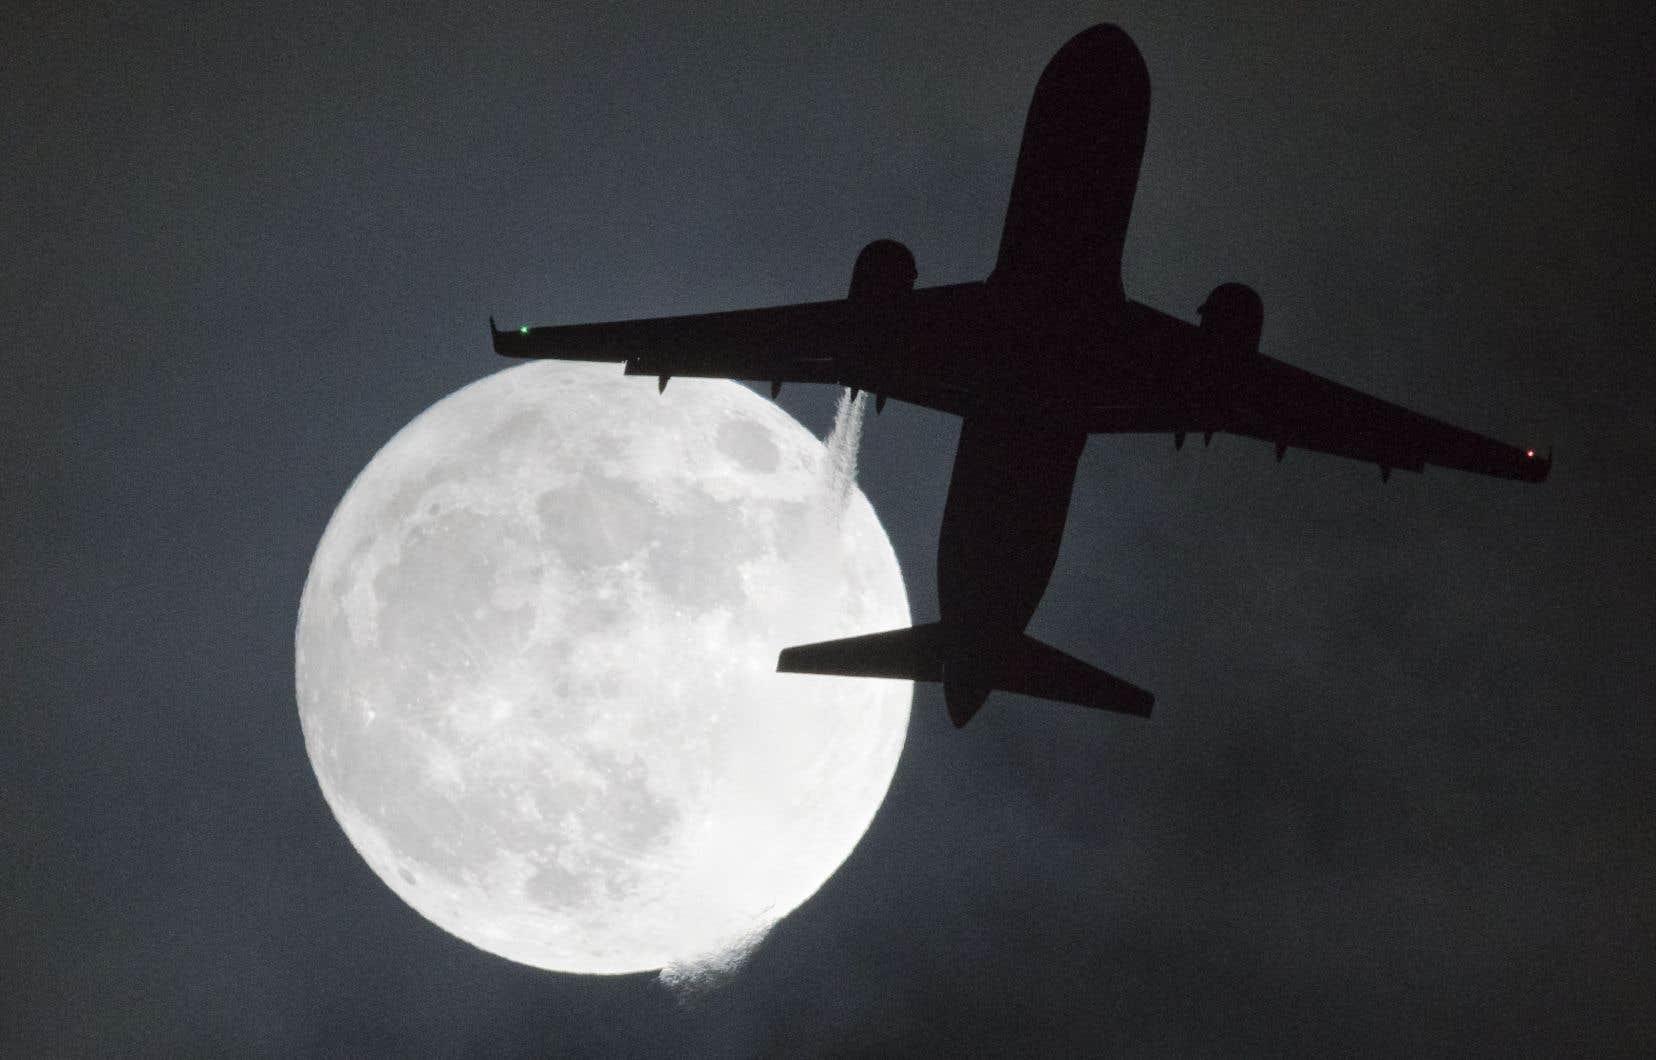 Les phénomènes de la super lune et des éclipses lunaires sont fréquents, mais ils coïncident rarement avec une «lune bleue».